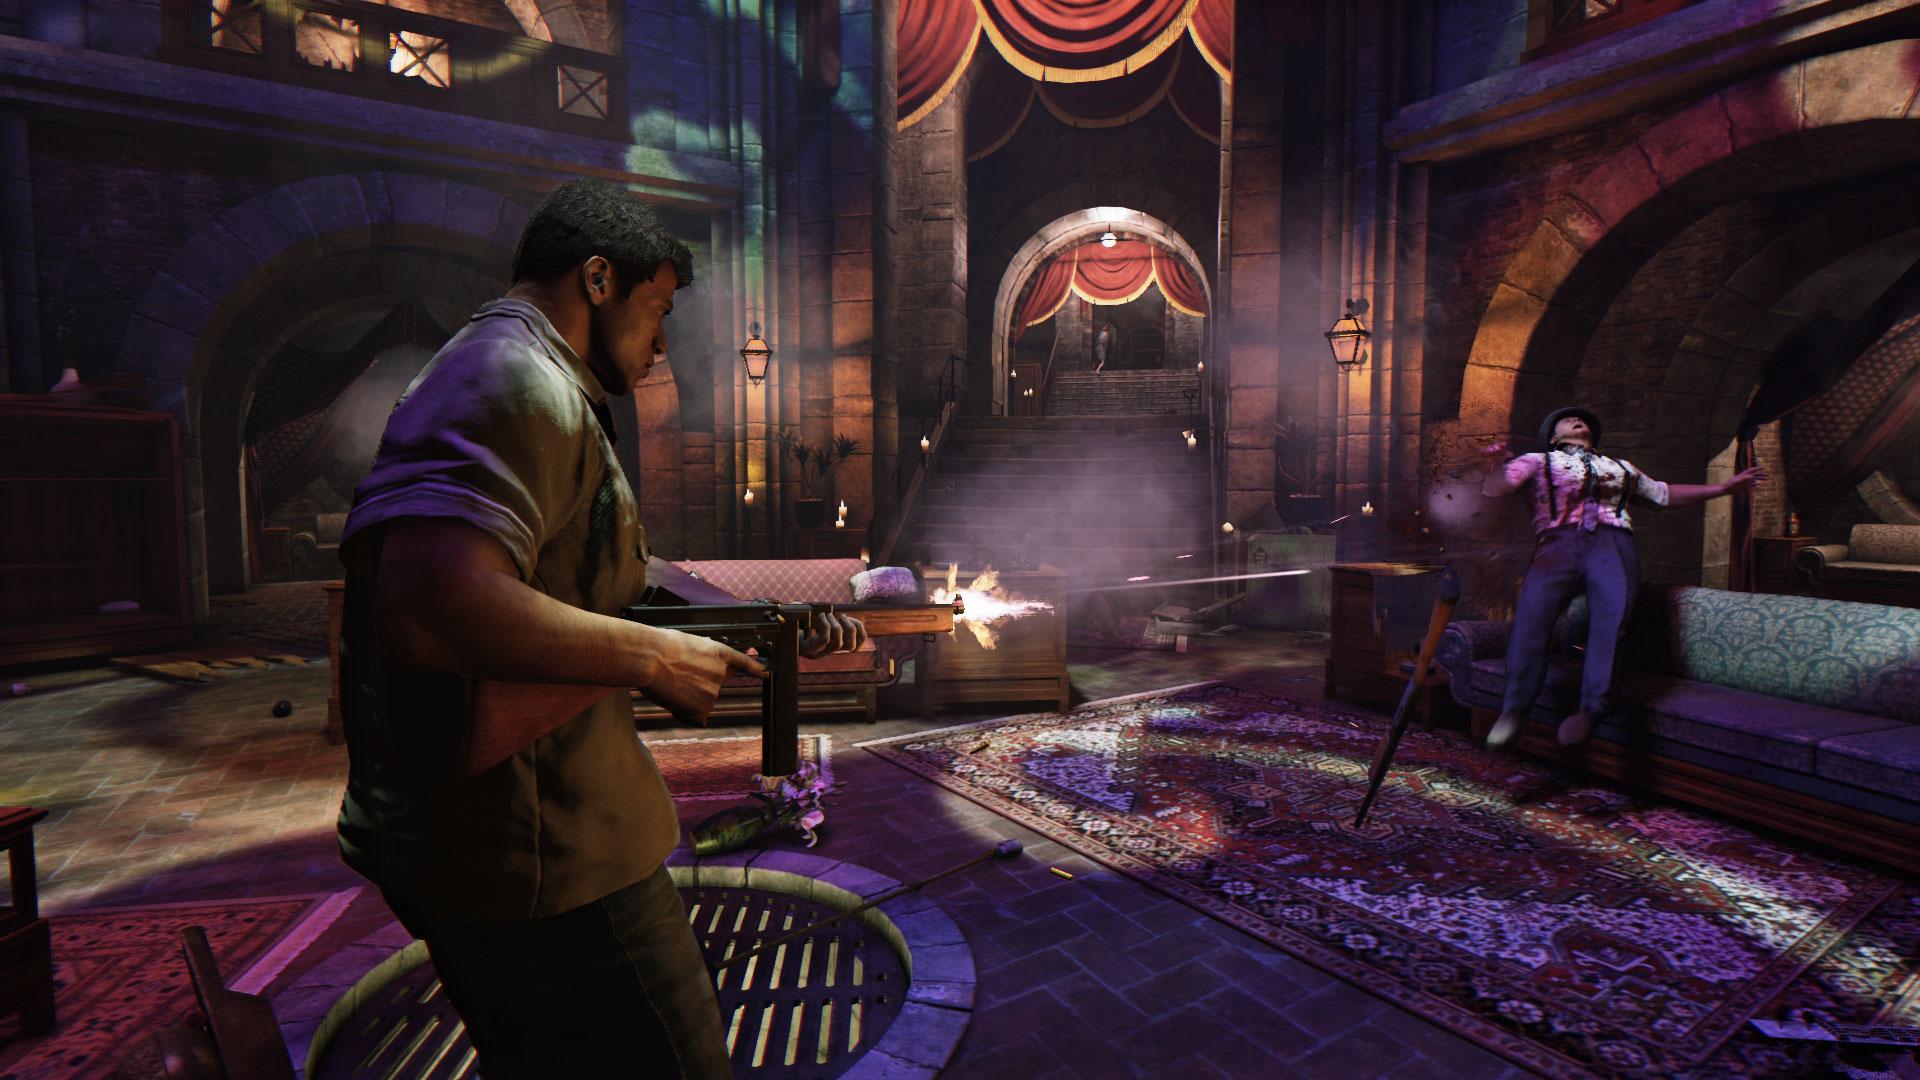 Разработчики Mafia III рассказали, насколько сюжет игры связан с Mafia II